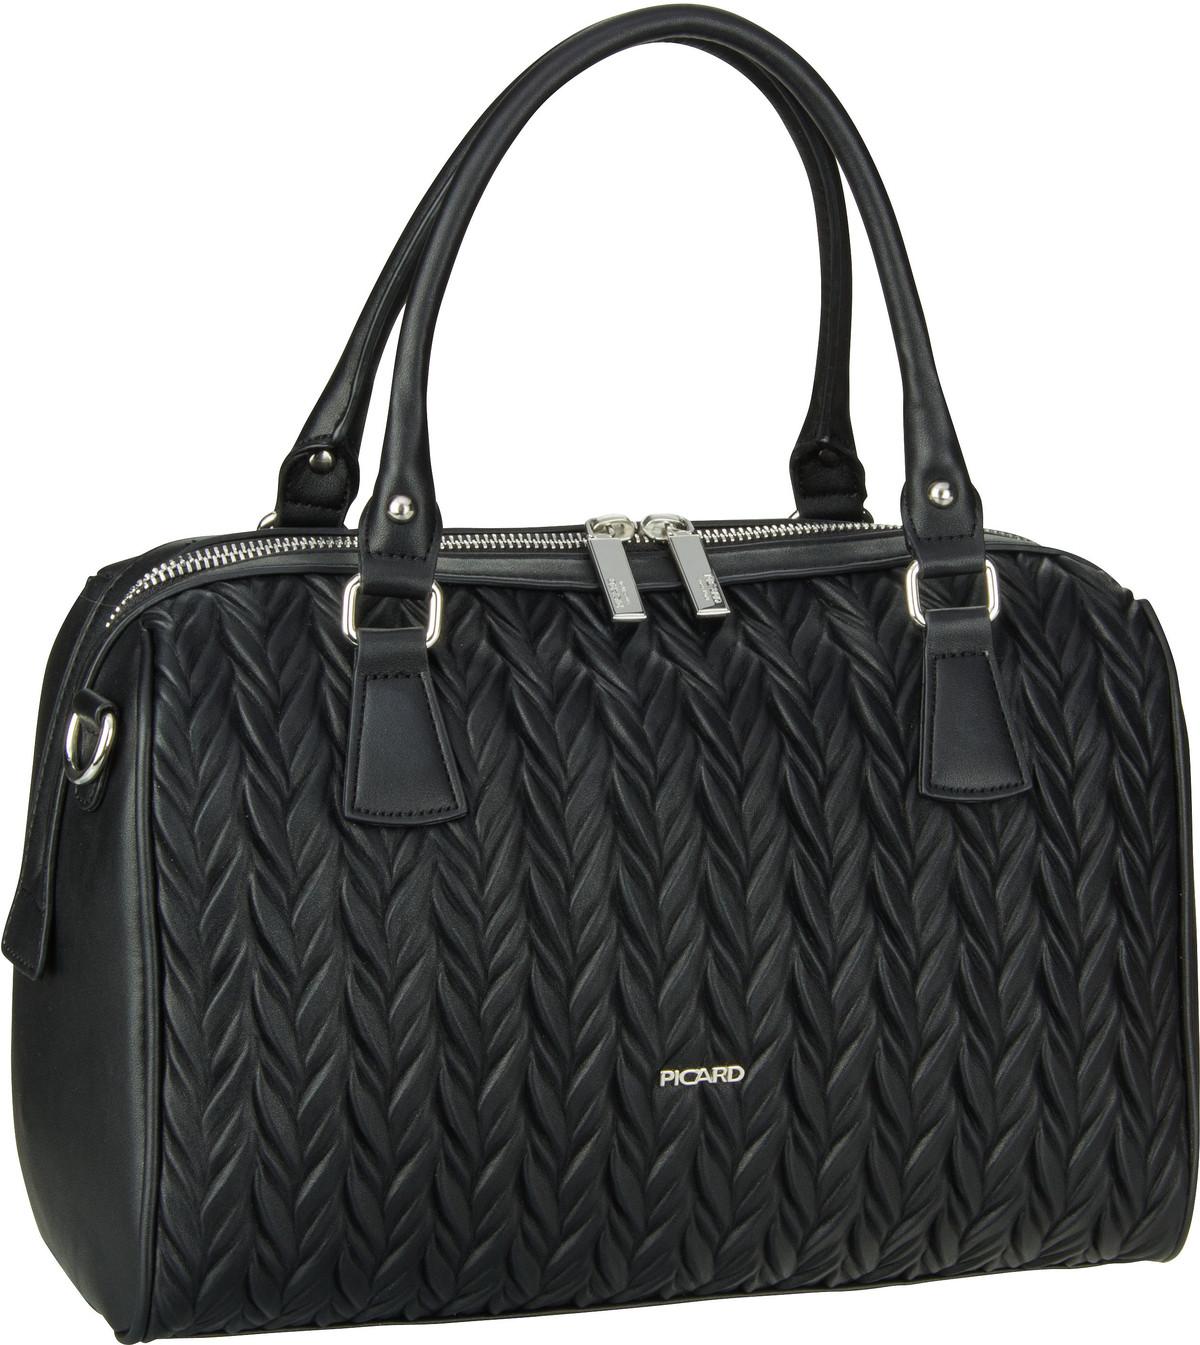 Handtasche Braid 2694 Schwarz